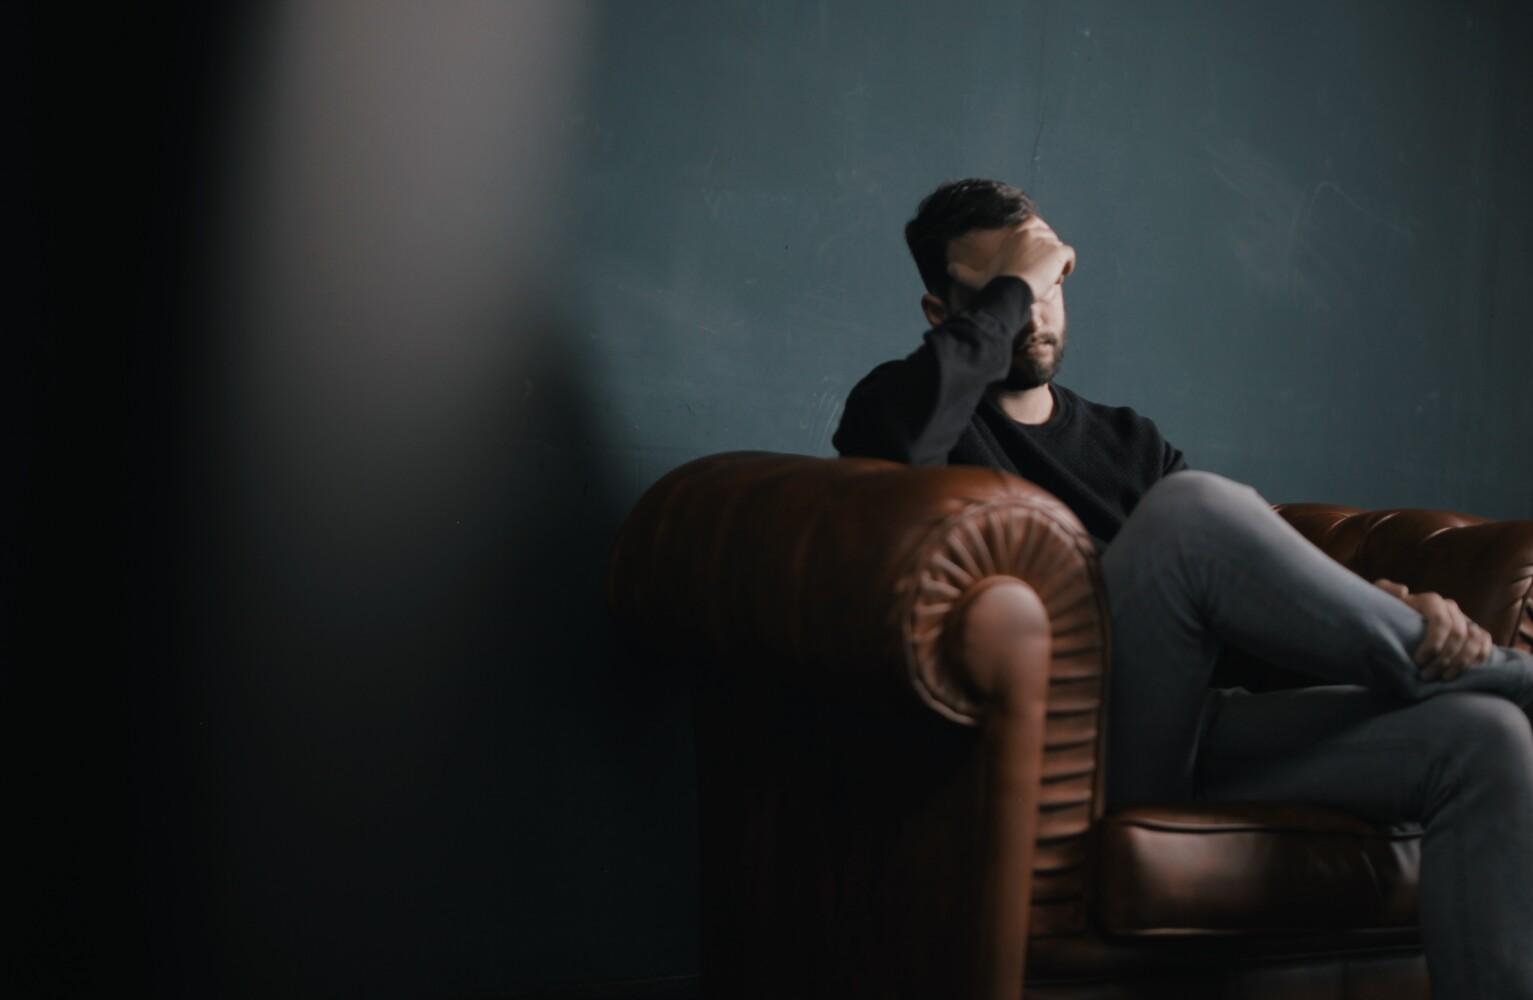 Boektips bij een echtscheiding